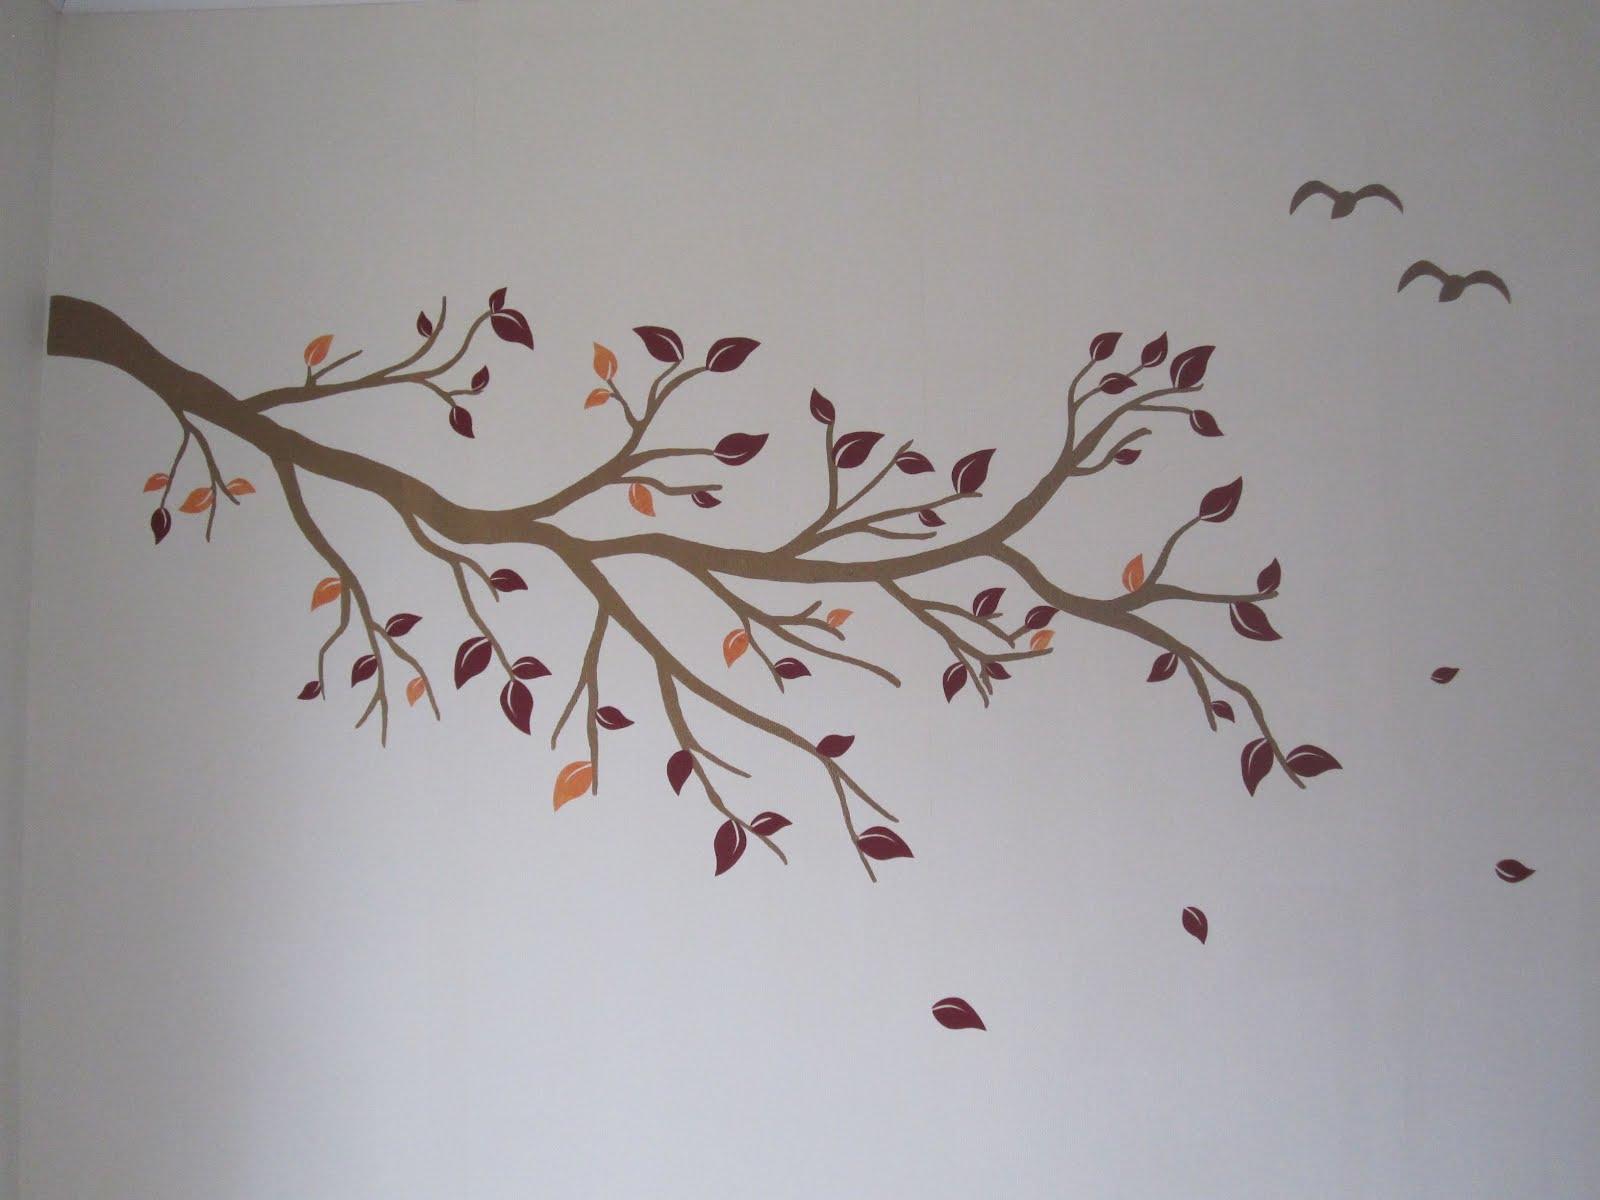 Abril 2012 - Paredes pintadas con dibujos ...